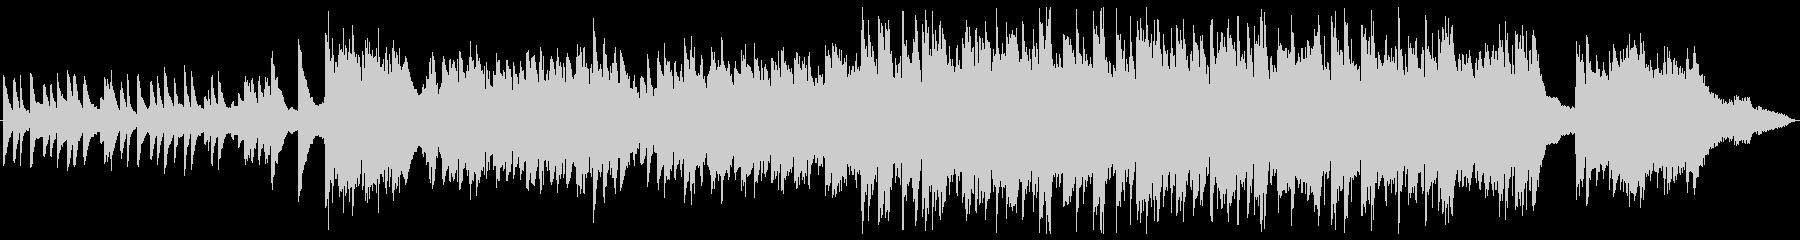 トリオ編成のノスタルジックなバラードの未再生の波形